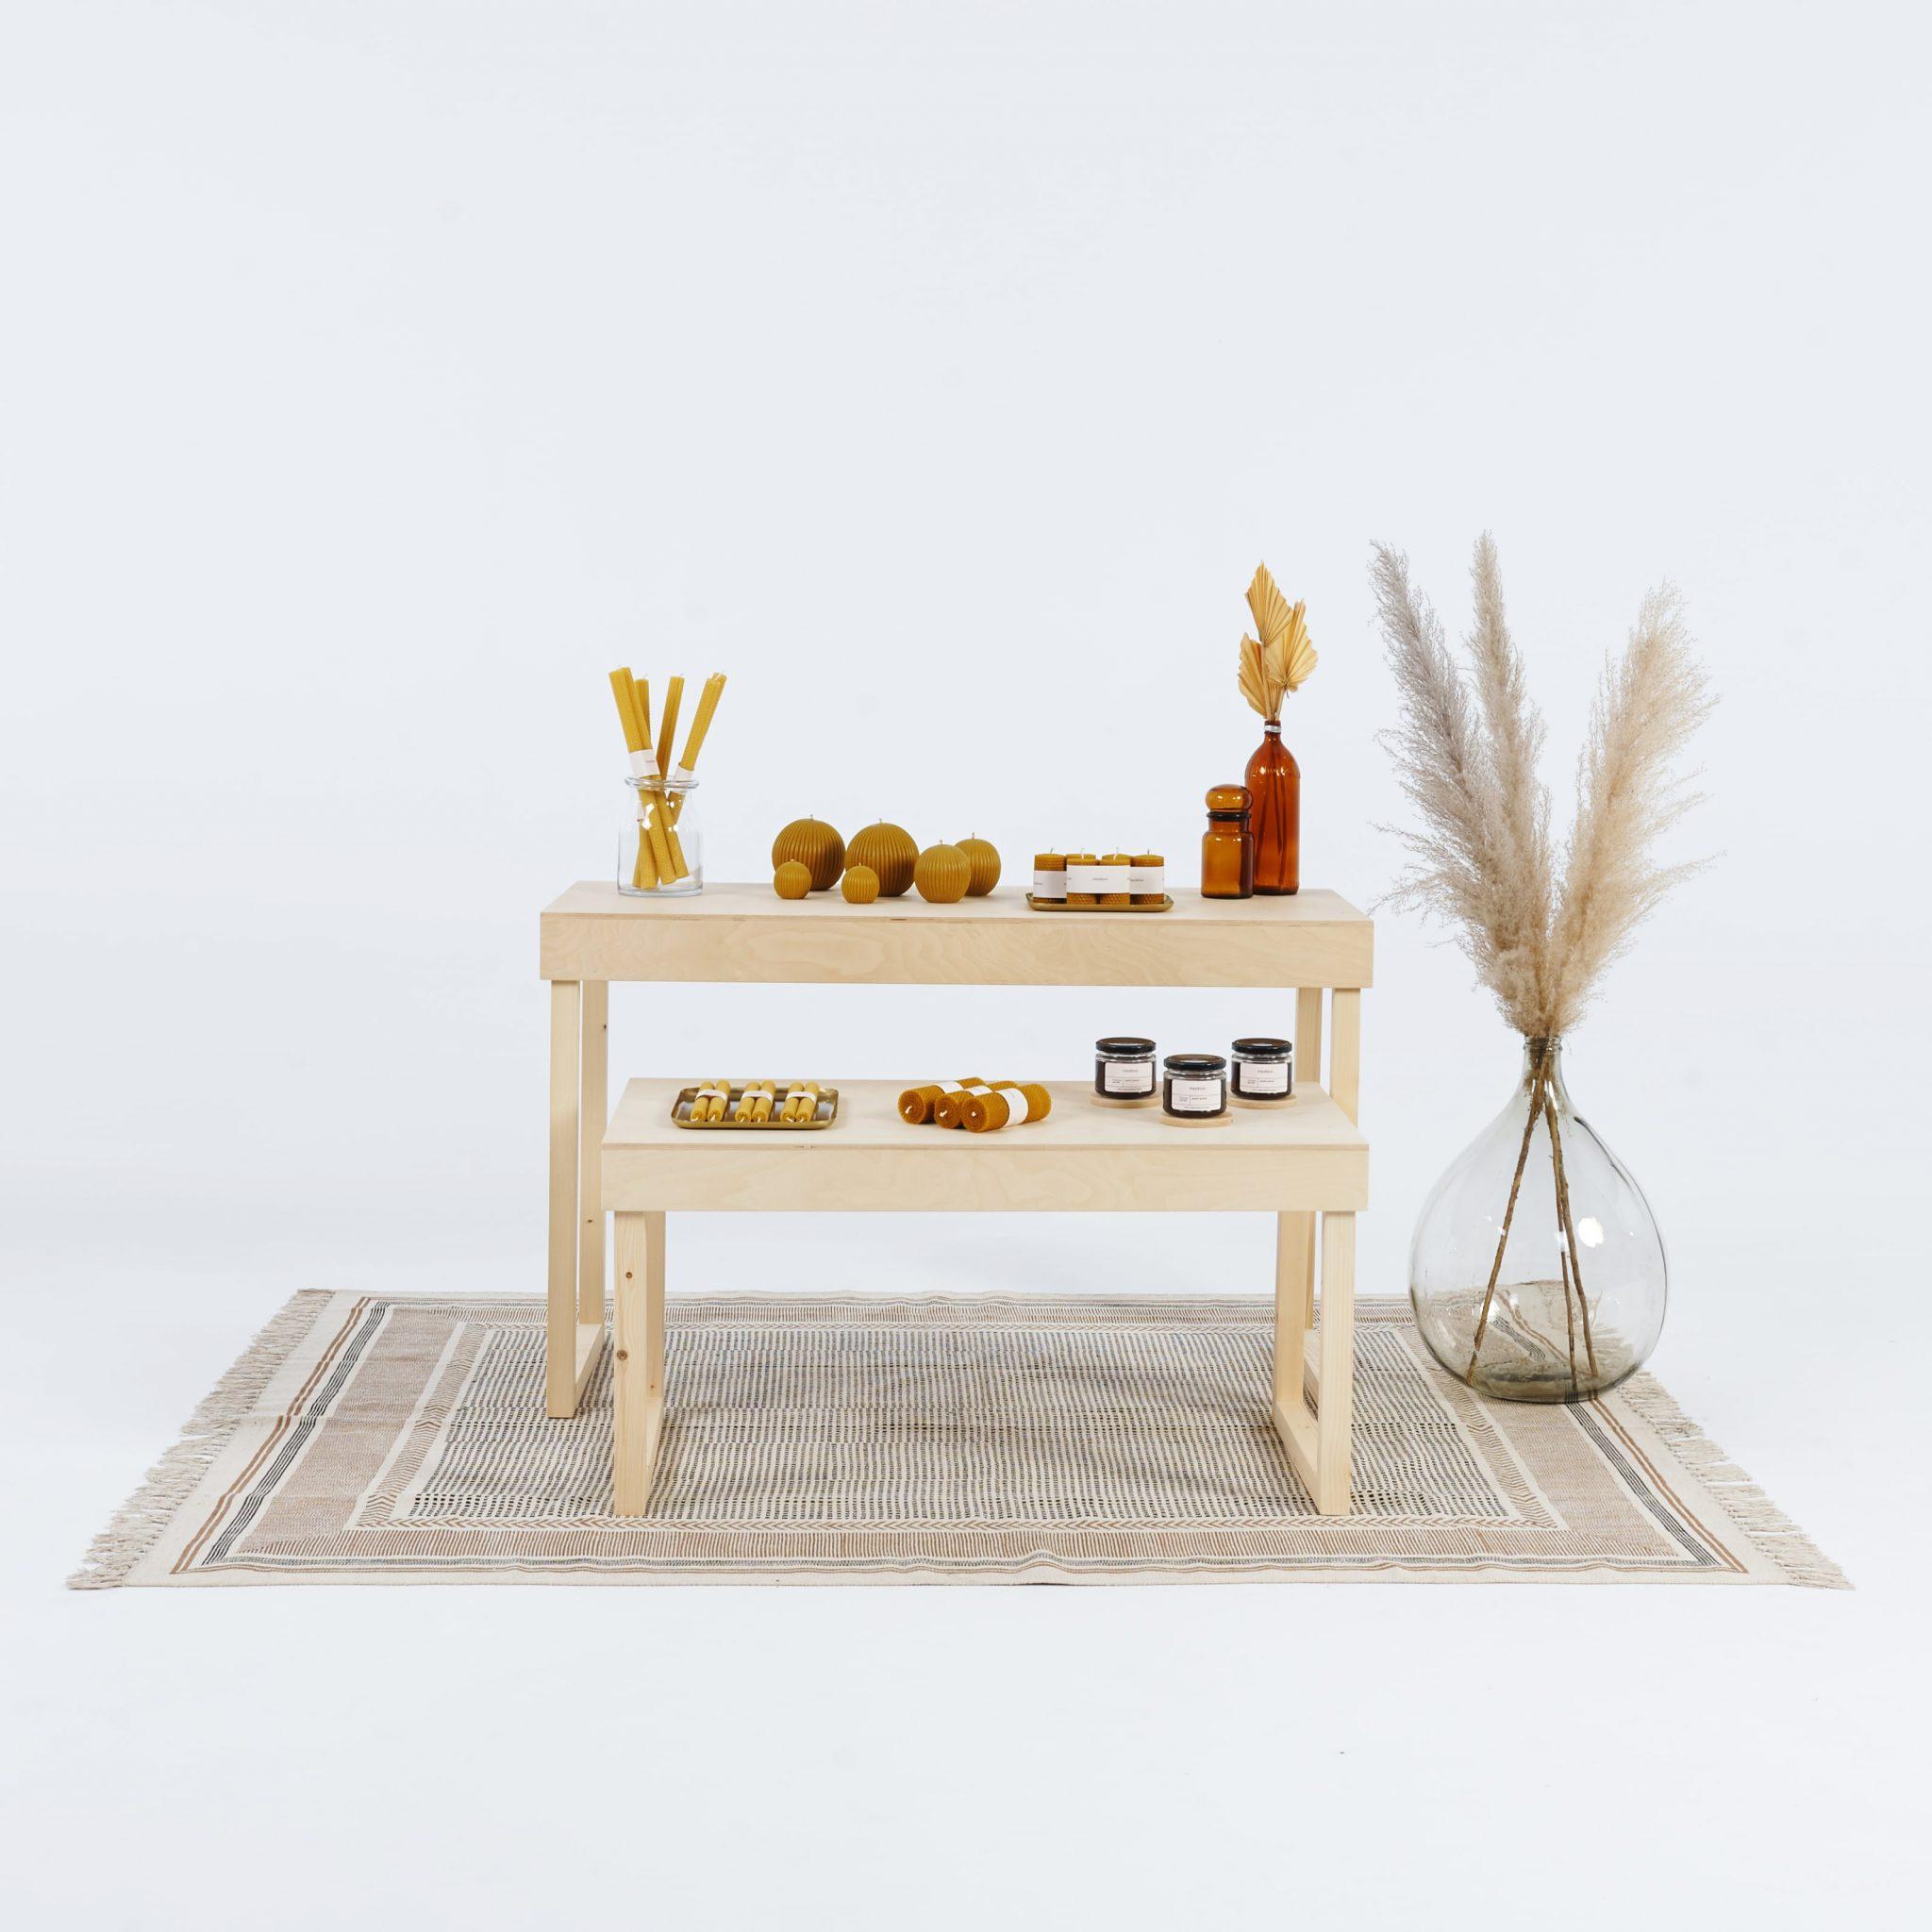 Drewniane stoły ekspozycyjne